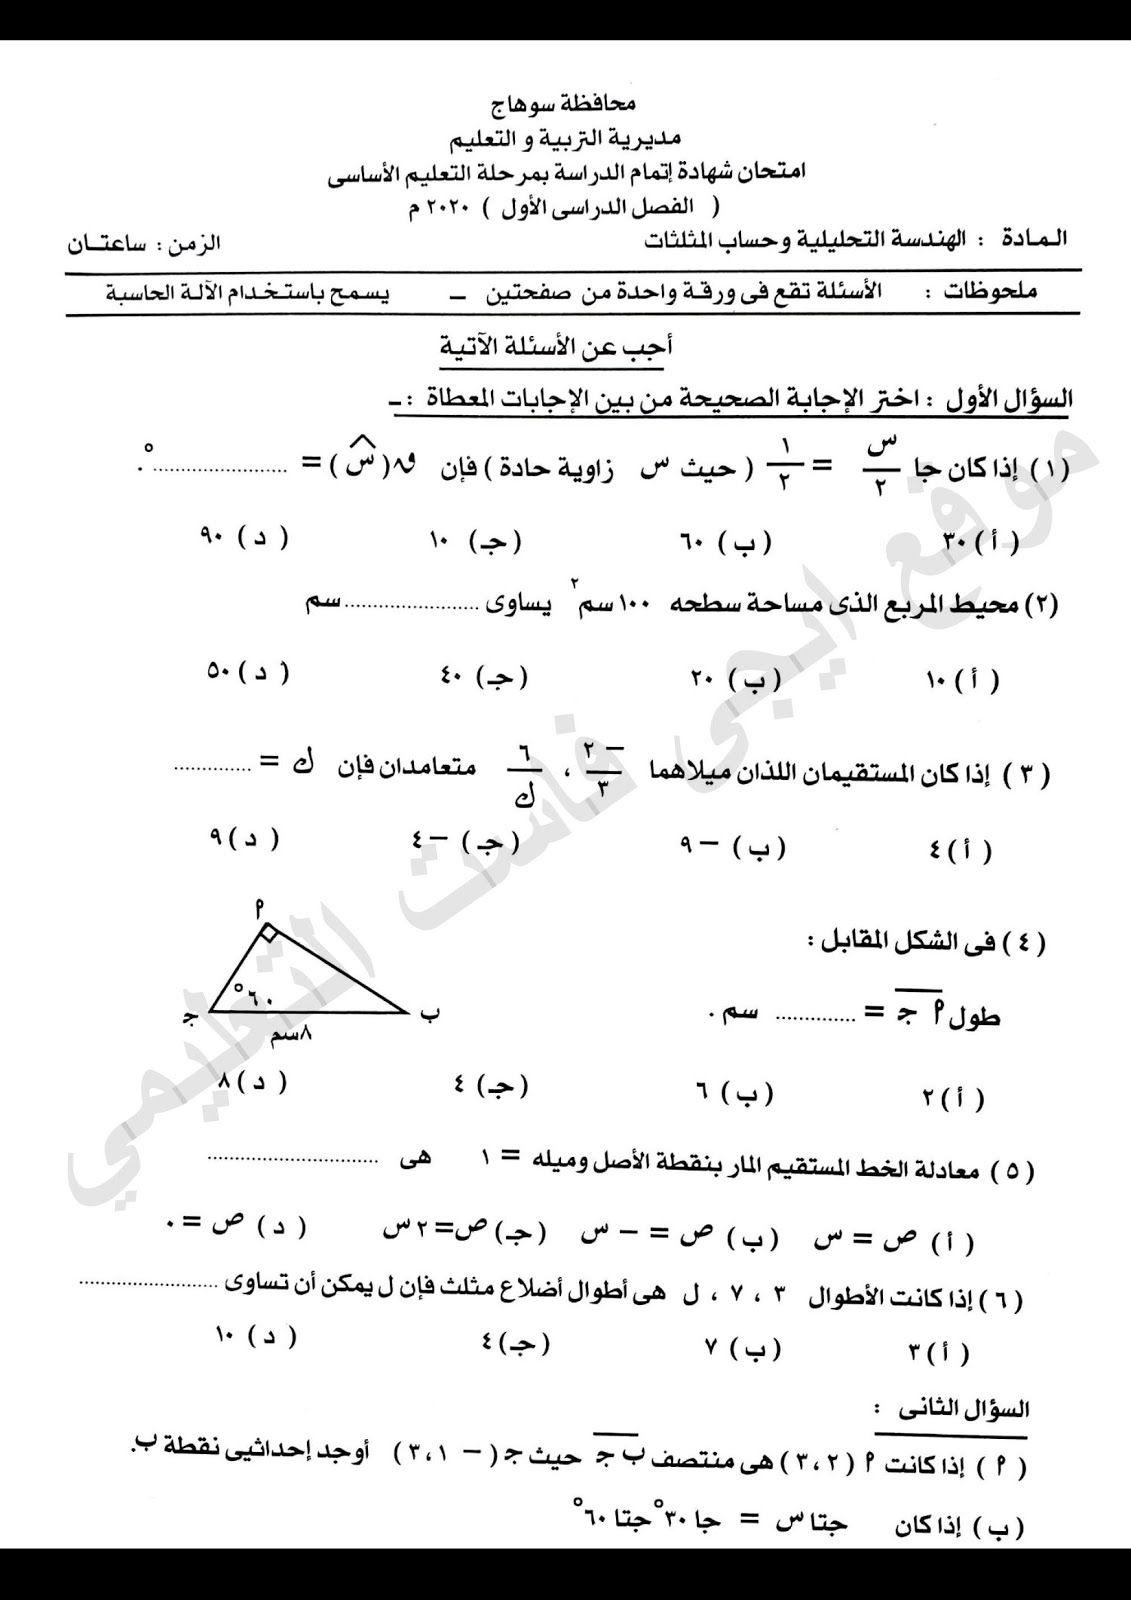 امتحان هندسه سوهاج الصف الثالث الاعدادي ترم اول 2020